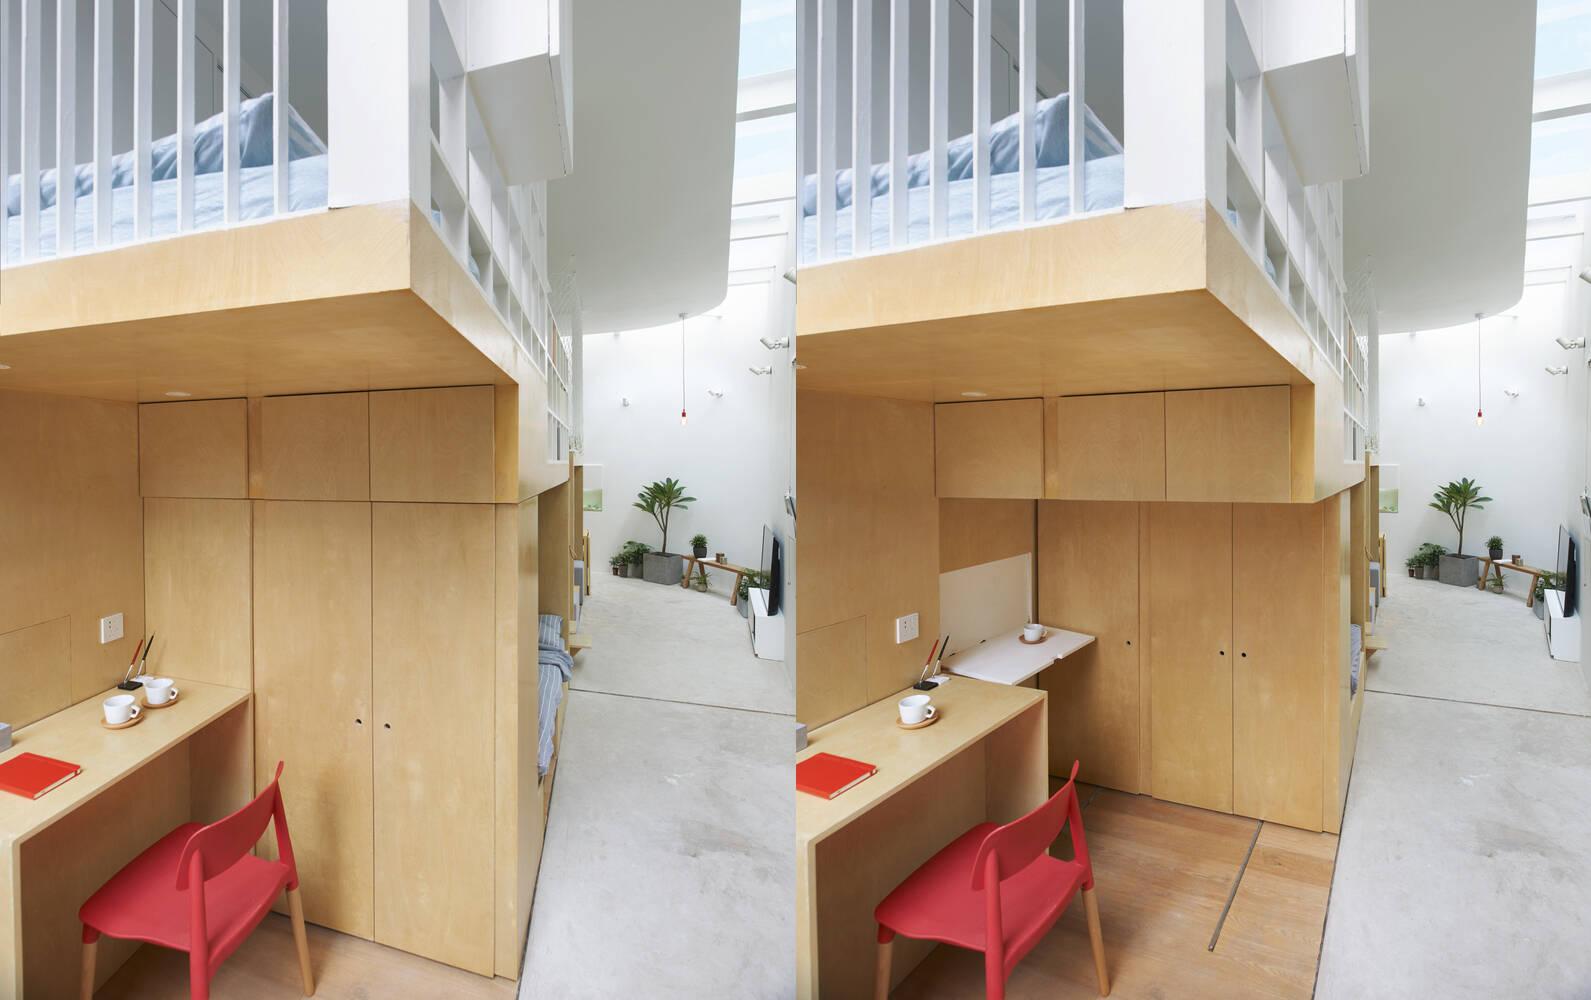 Chiếc tủ có thể thay đổi vị trí để mở ra một không gian khác